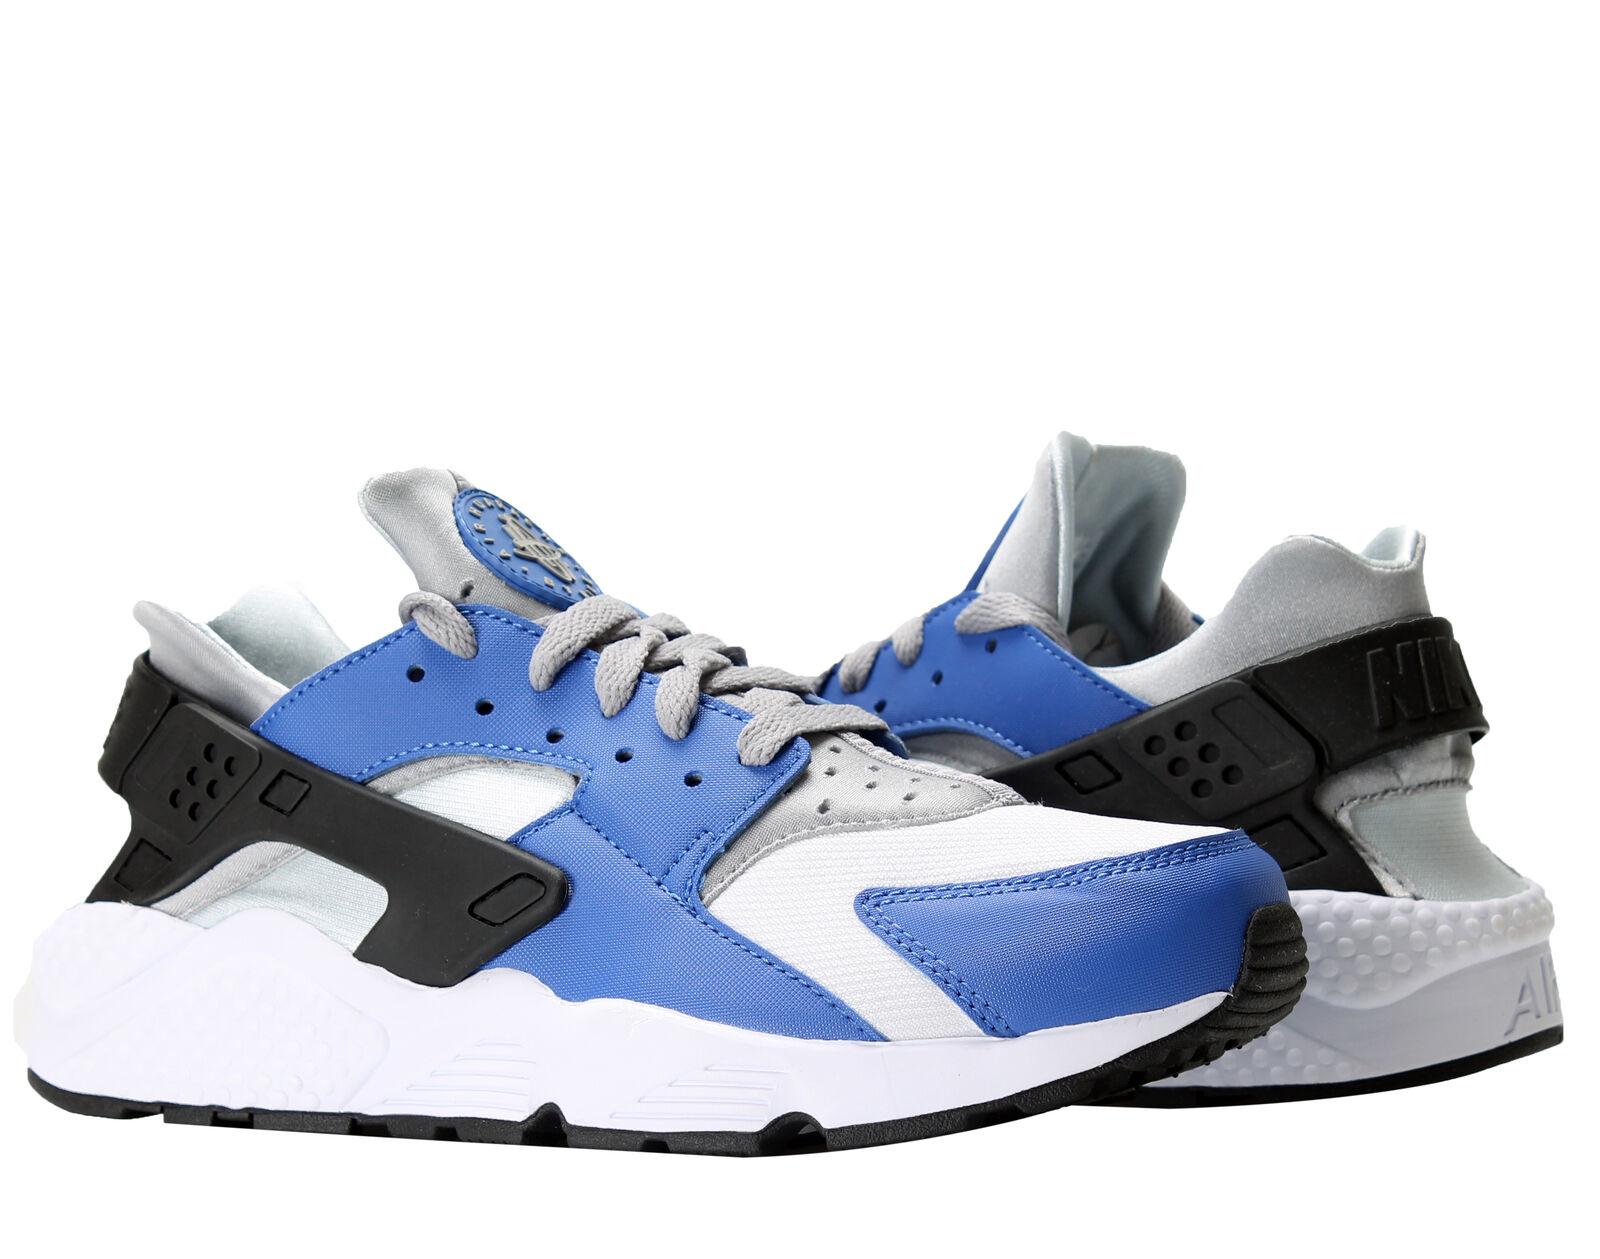 Nike Air Huarache Running Comet Blue/Matte Silver Men's Running Huarache Shoes 318429-406 1a8cd9